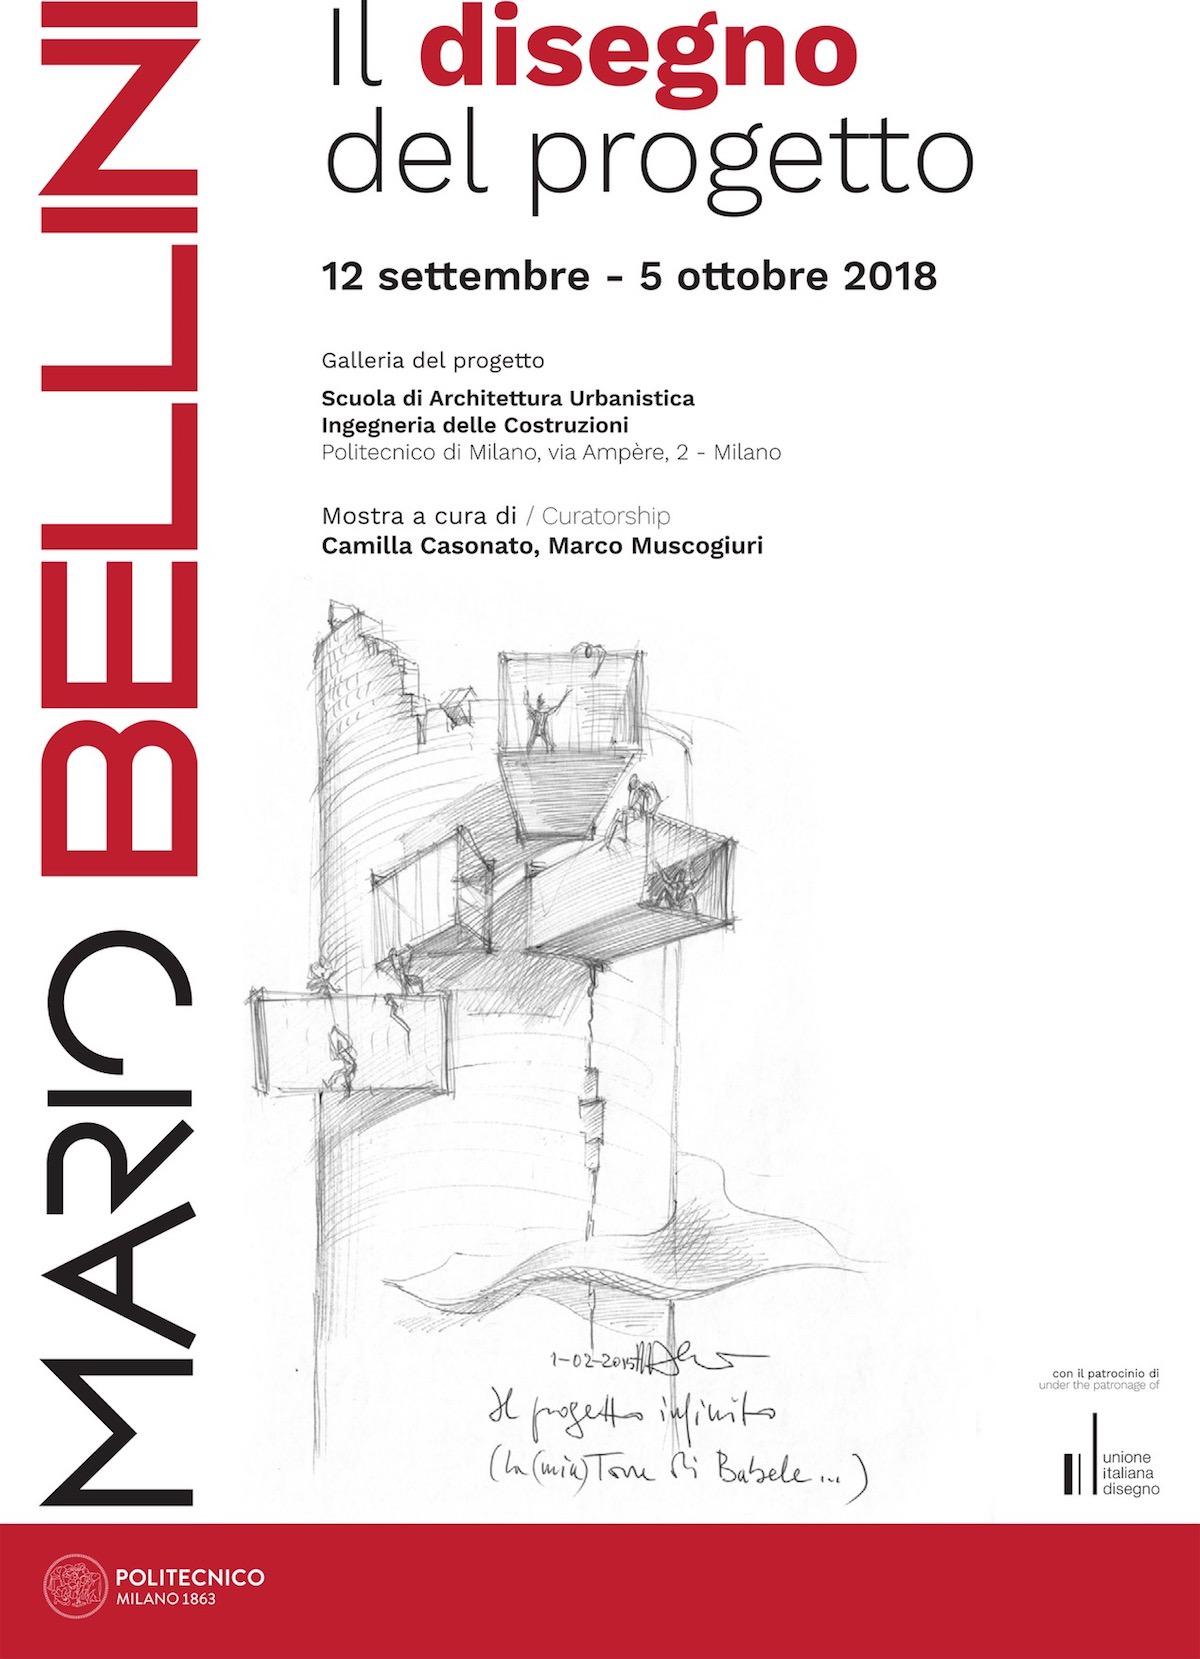 Mario Bellini. Il disegno del progetto